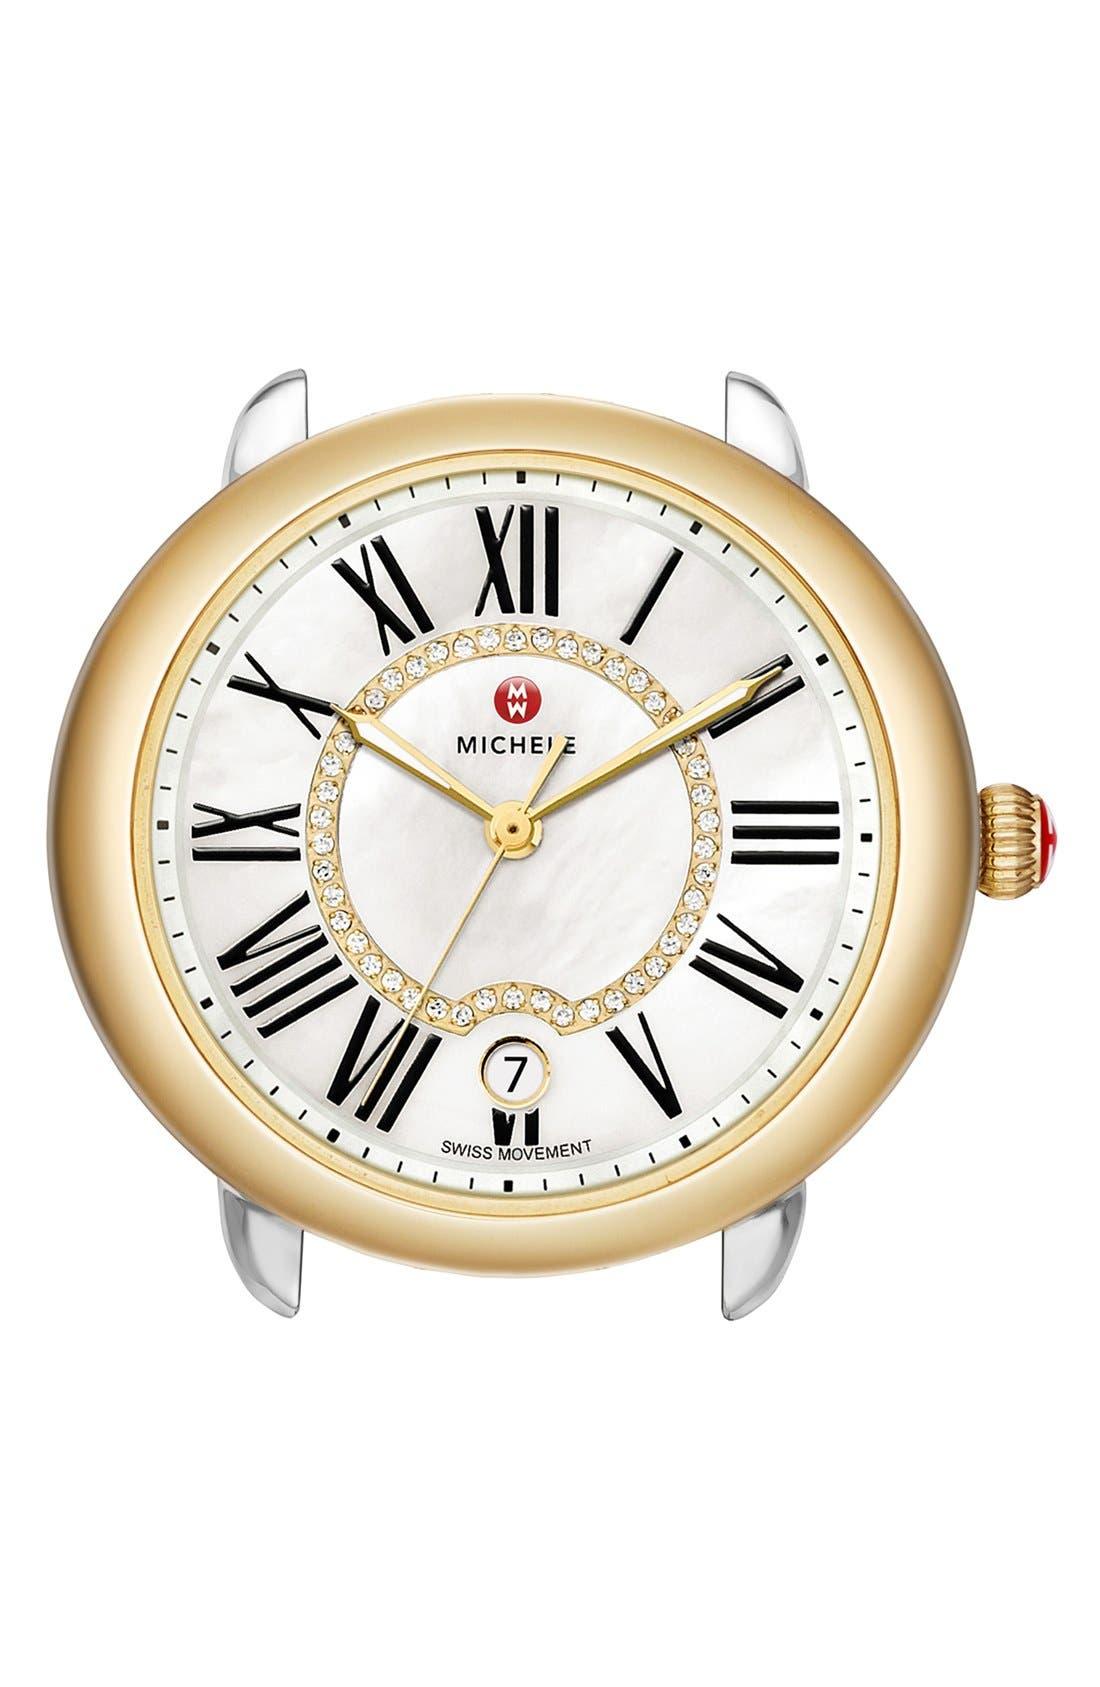 MICHELE Serein 16 Diamond Dial Two-Tone Round Watch